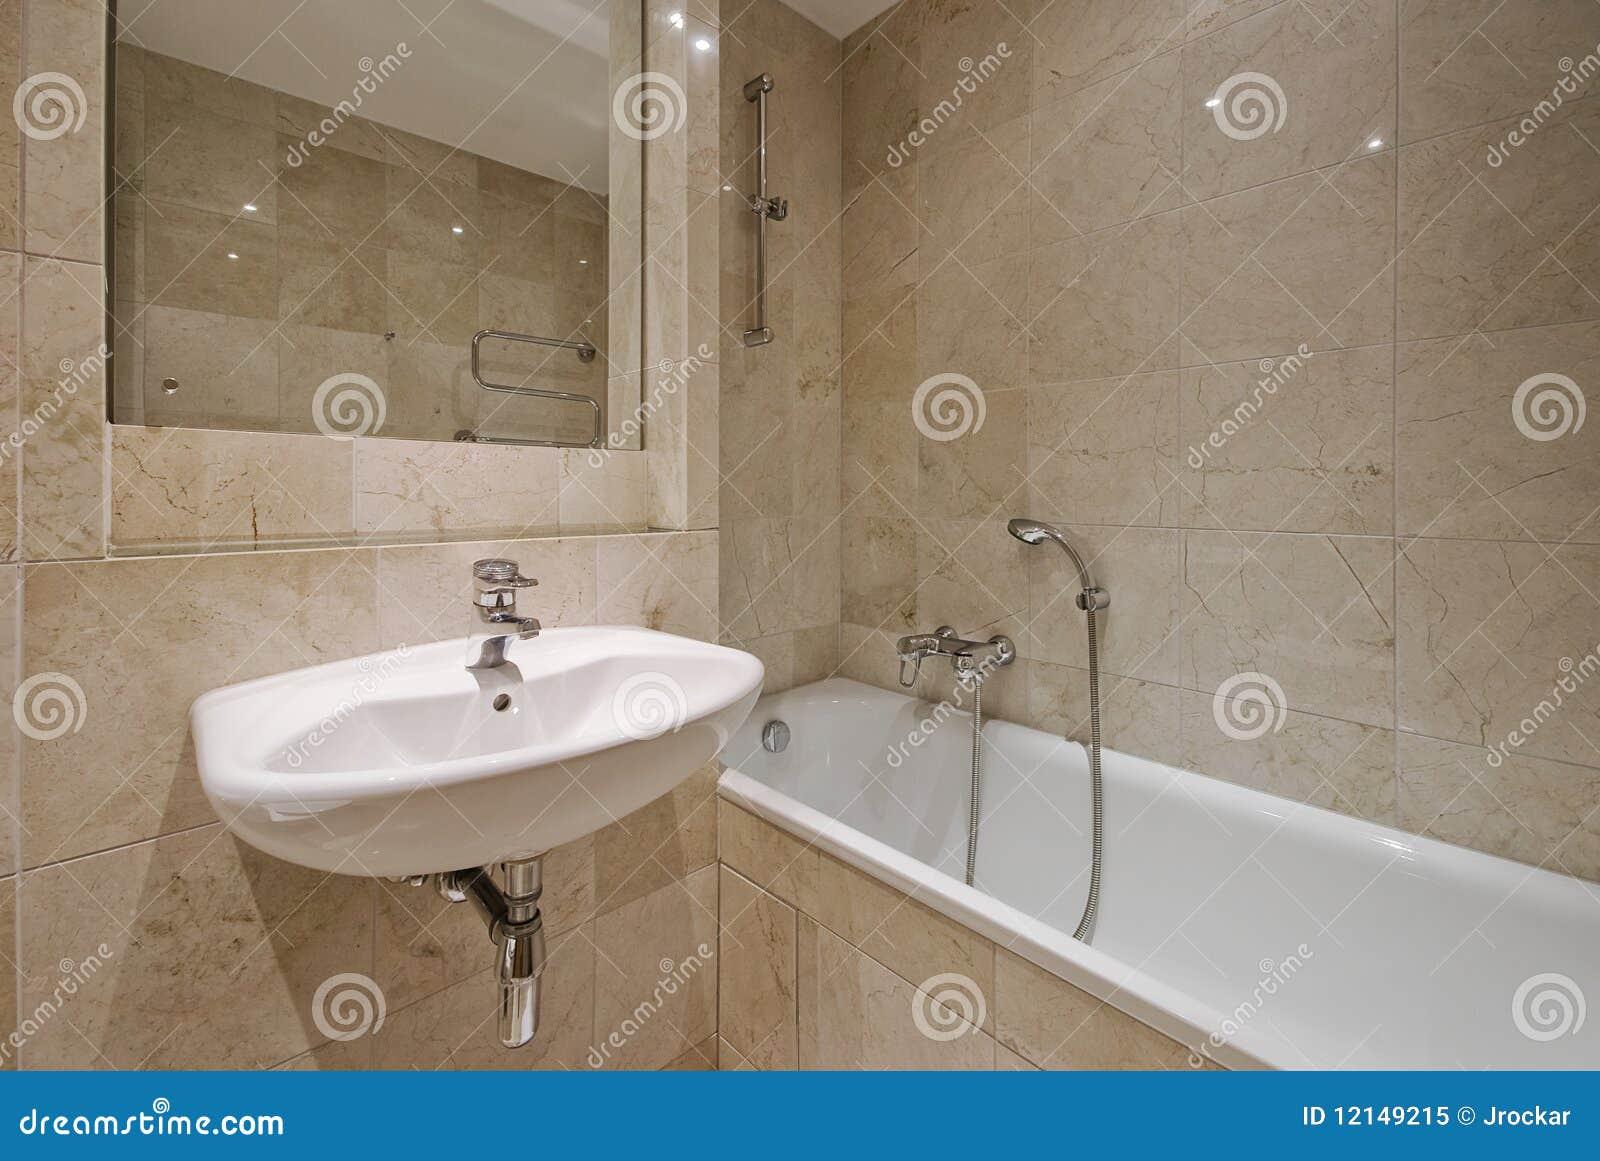 Banheiro luxuoso moderno com as telhas de mármore bege e a série  #84A823 1300x960 Banheiro Bege Com Louça Branca